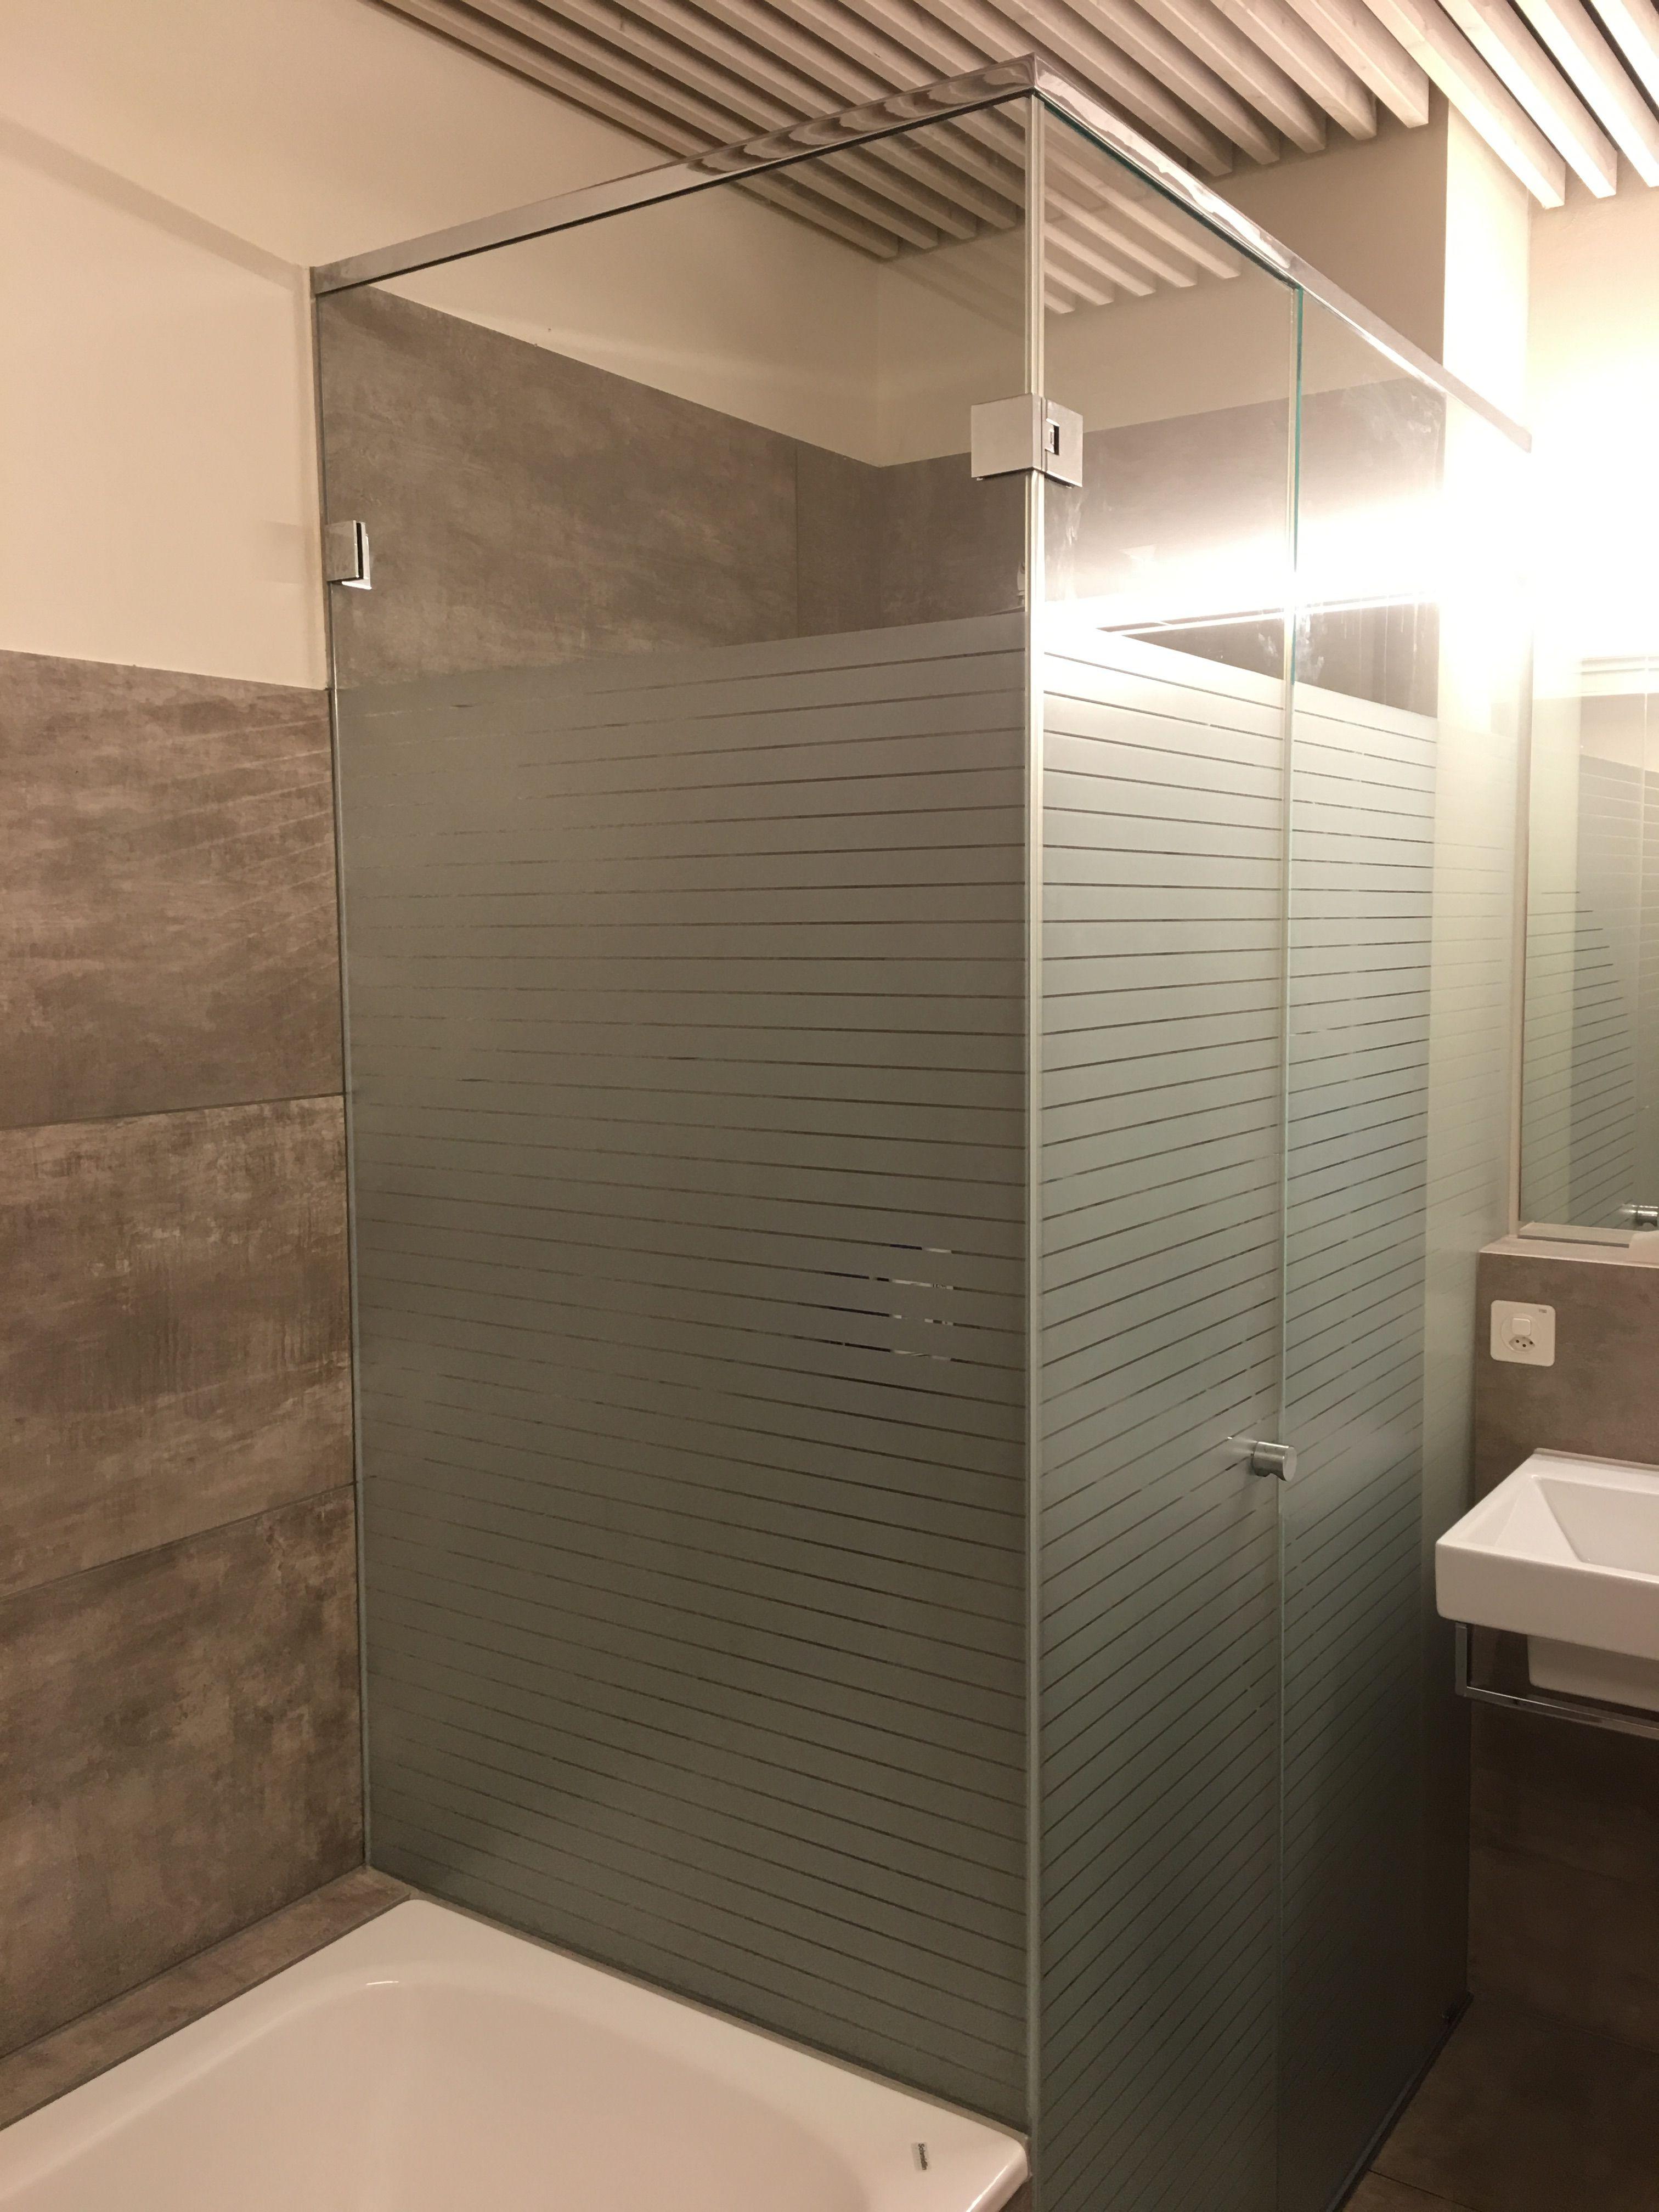 Qualitativ Hochwertige Duschen Aus Echtglas Der Firma Eckduschen Glasduschen Und Duschwand Glas